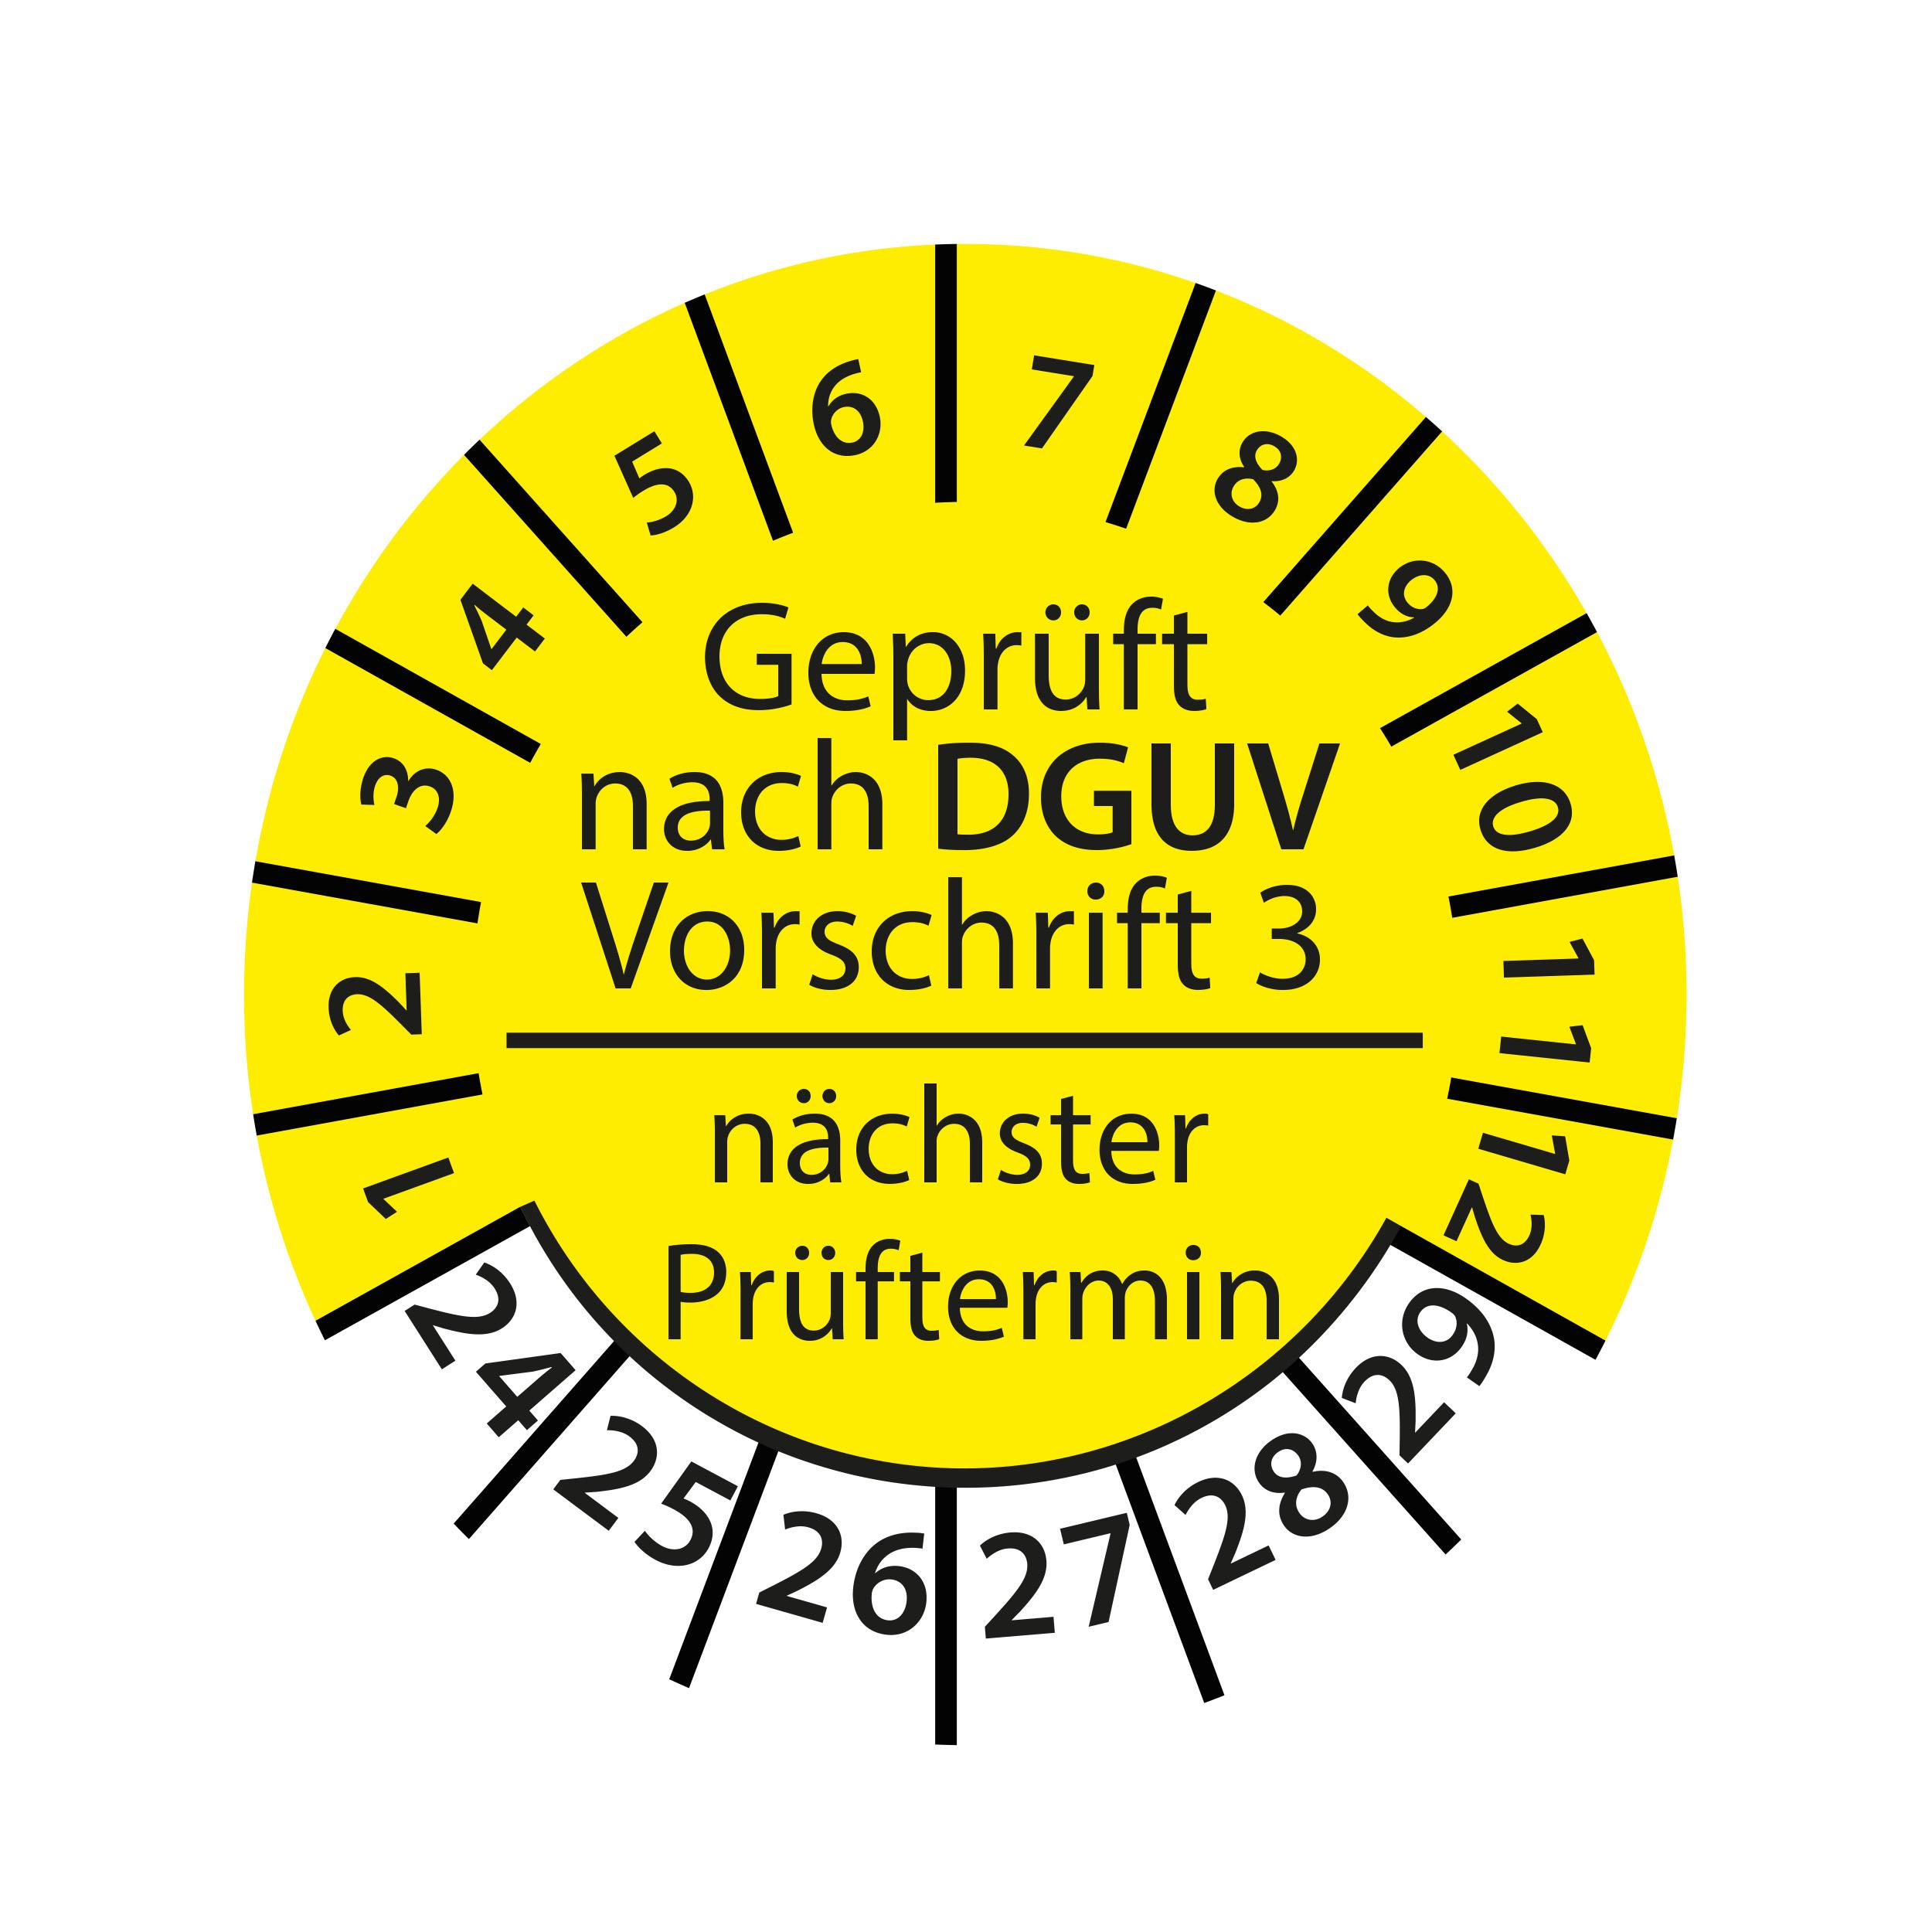 Prüfplakette E-Check Elektro Wartung STK MTK DGUV Vorschrift 3 Nächster Prüftermin geprüft gemäß VDE 2024-2029 Ø 30mm Rund Gelb